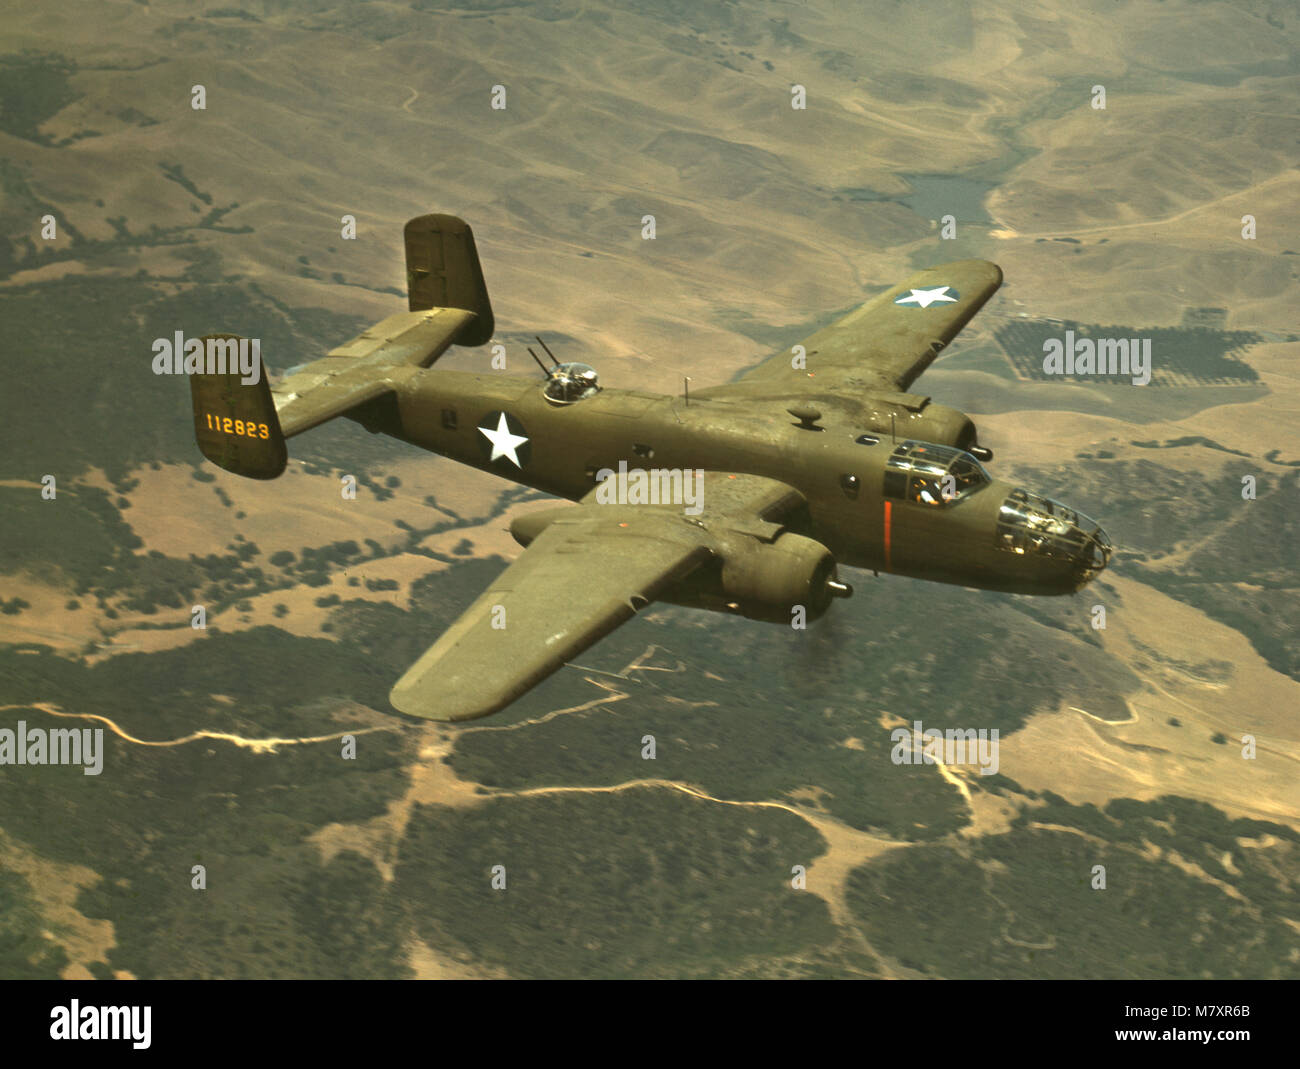 B-25 Mittlerer Bomber während des Zweiten Weltkriegs Ausbildung Flug, North American Aviation Inc., Kalifornien, Stockfoto